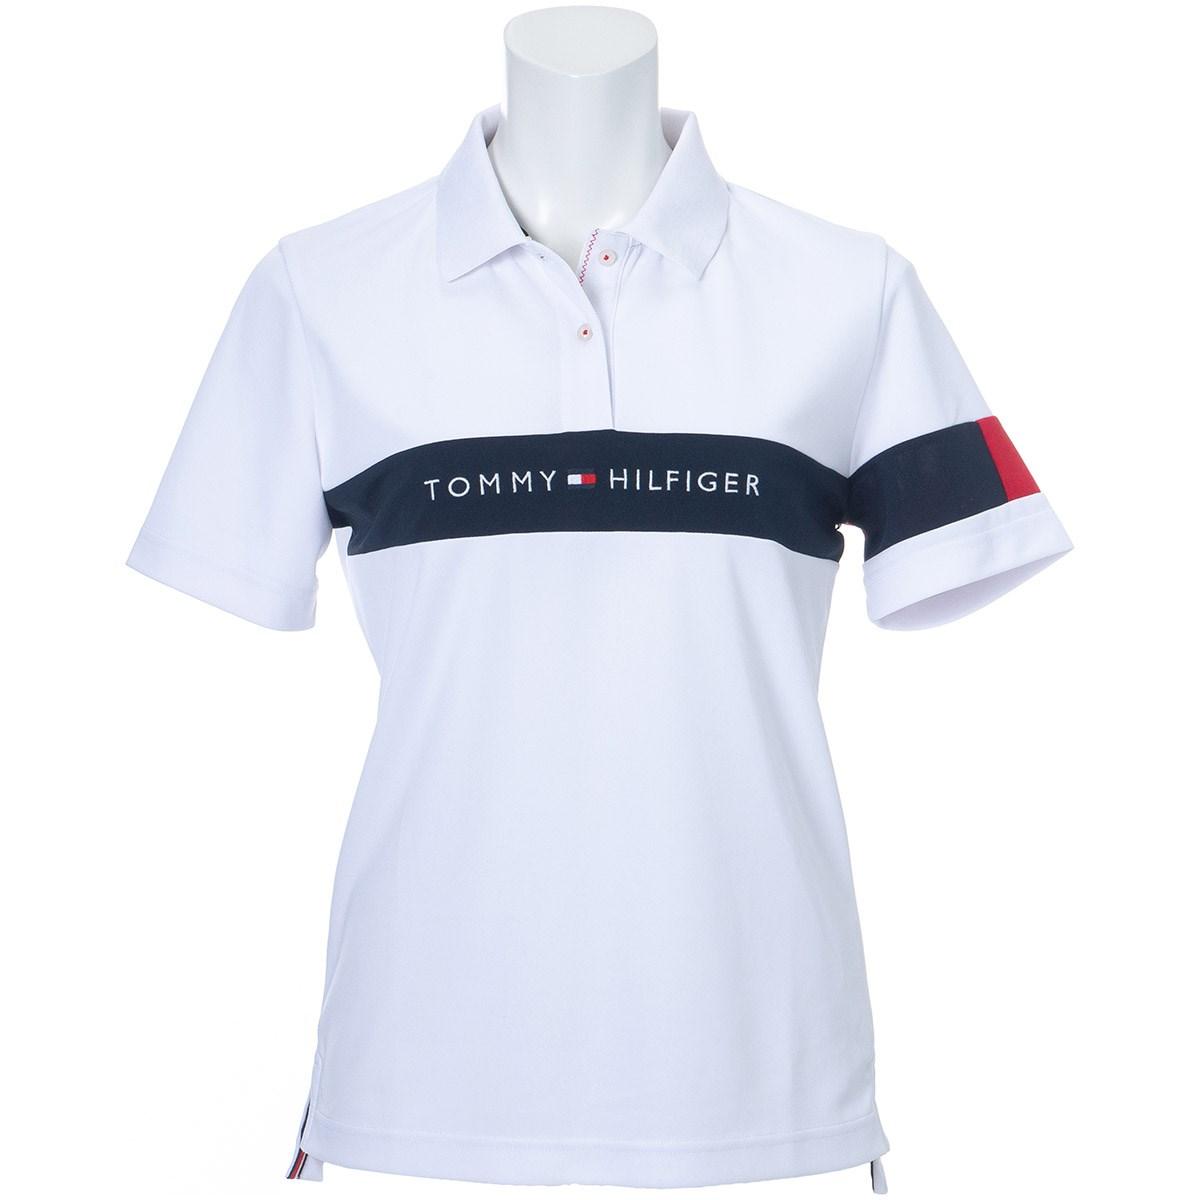 トミー ヒルフィガー ゴルフ TOMMY HILFIGER GOLF TOMMYロゴ 半袖ポロシャツ S ホワイト レディス